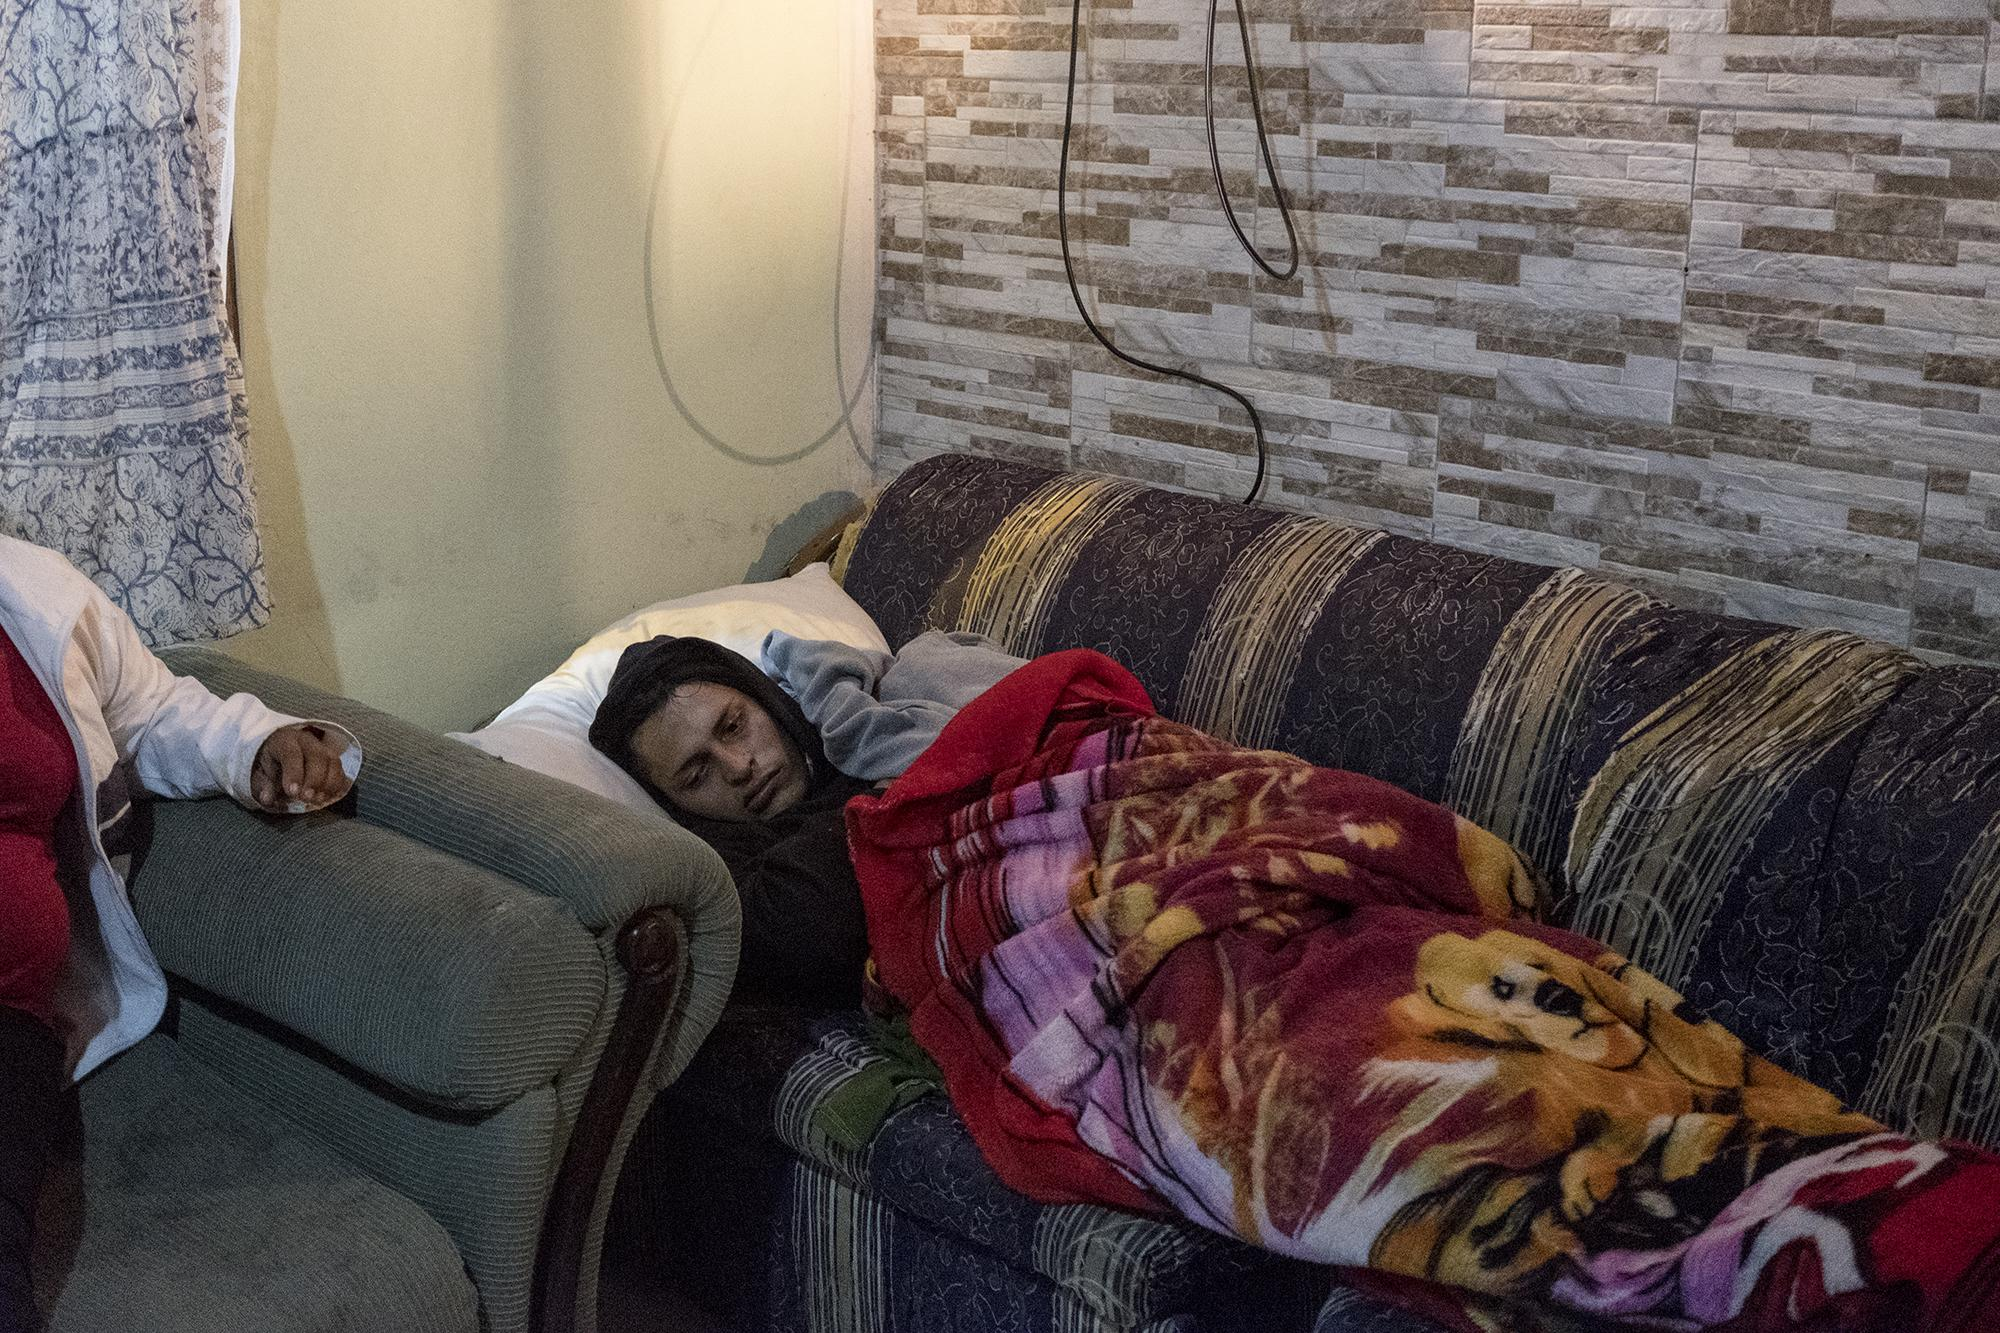 Hamlet Adolfo Sánchez, de 32 años, en la casa de Francisca Ramírez, el 31 de dicembre de 2018. Foto de El Faro: Fred Ramos.